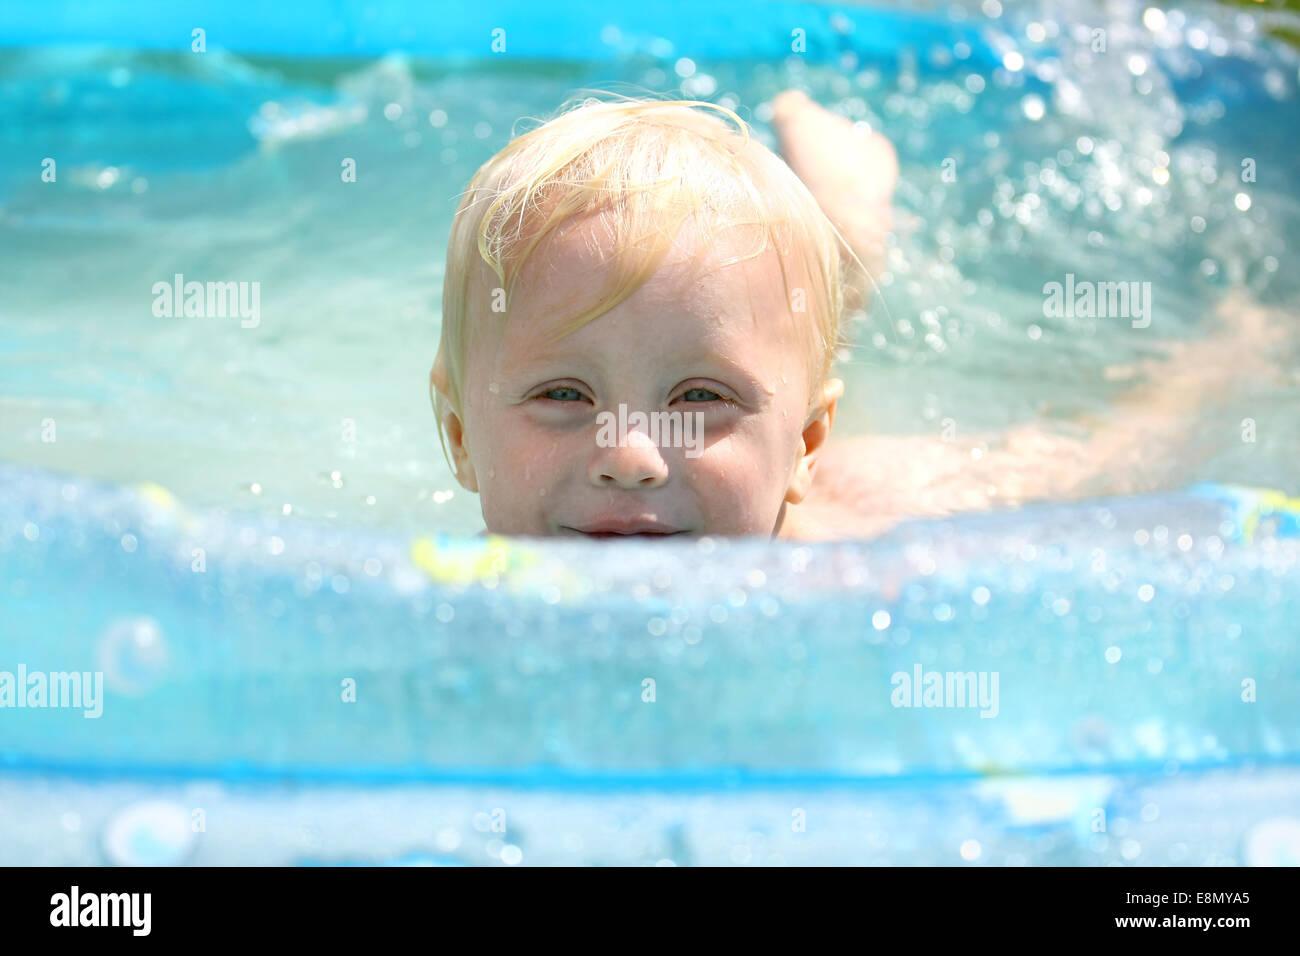 Ein glückliches Baby junge ist über den Rand eines Schwimmbades spähen, als er an einem Sommertag im Wasser spielt. Stockfoto